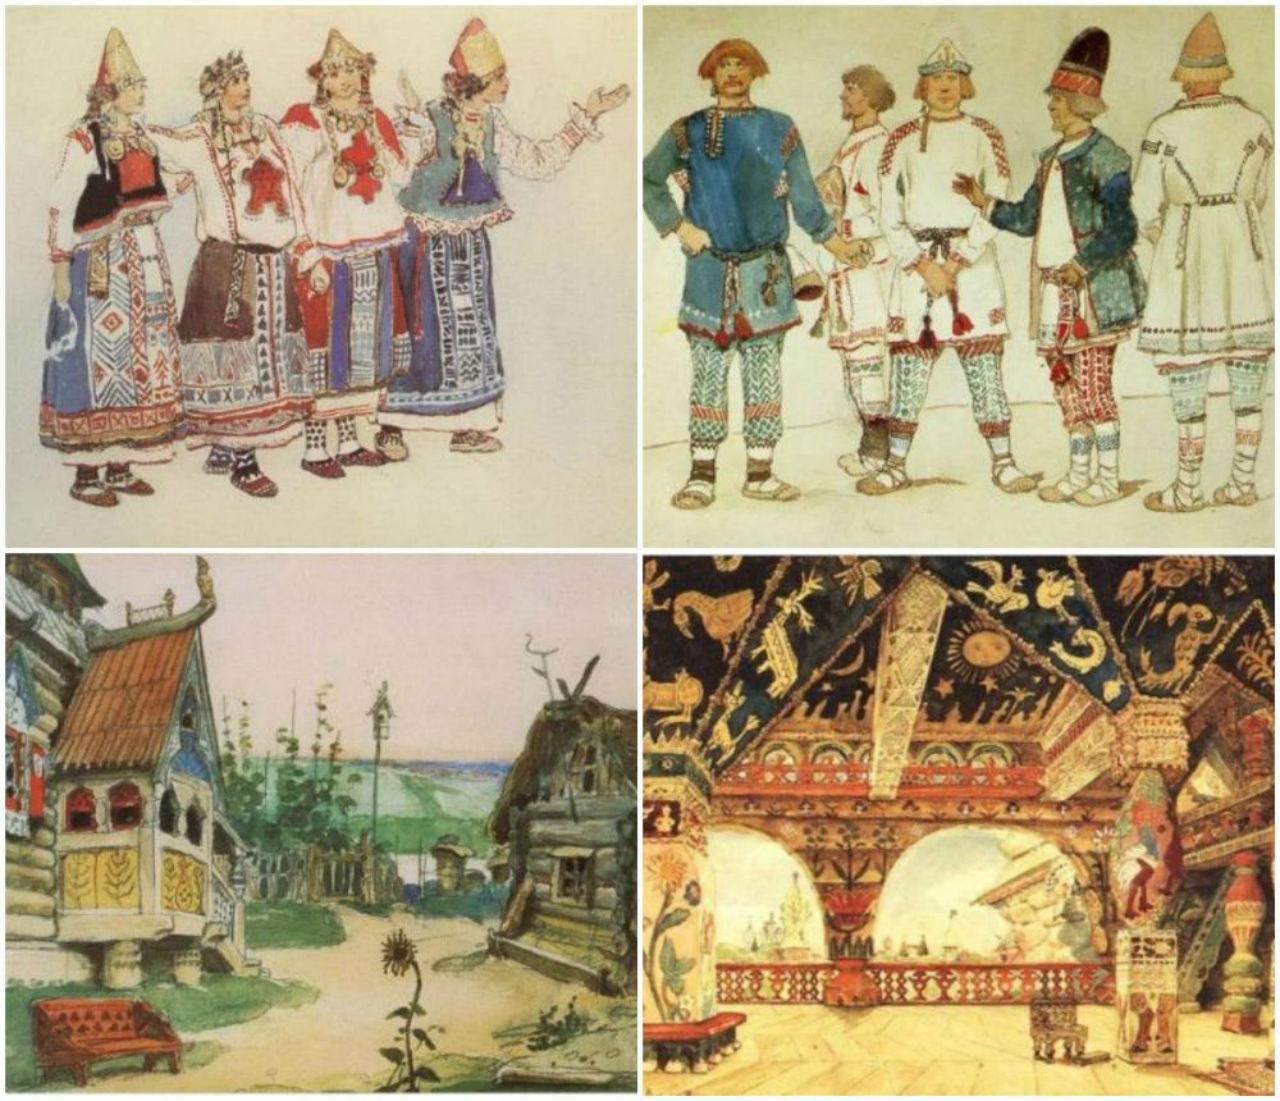 25-Костюмы и декорации для оперного спектакля Снегурочка.jpg